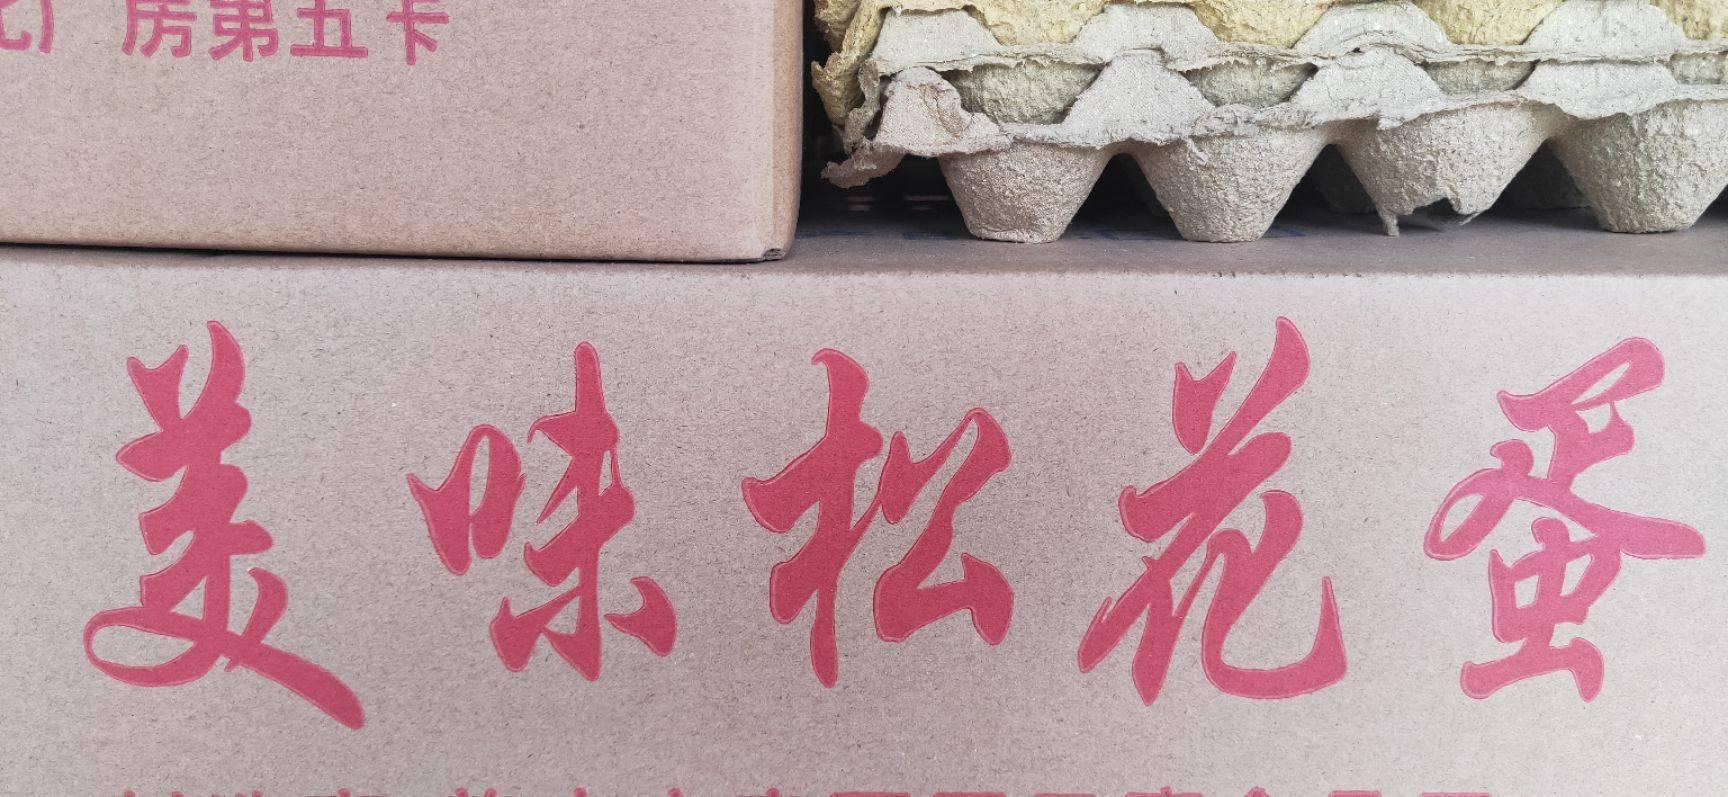 [松花皮蛋批发]松花皮蛋 价格155元/箱